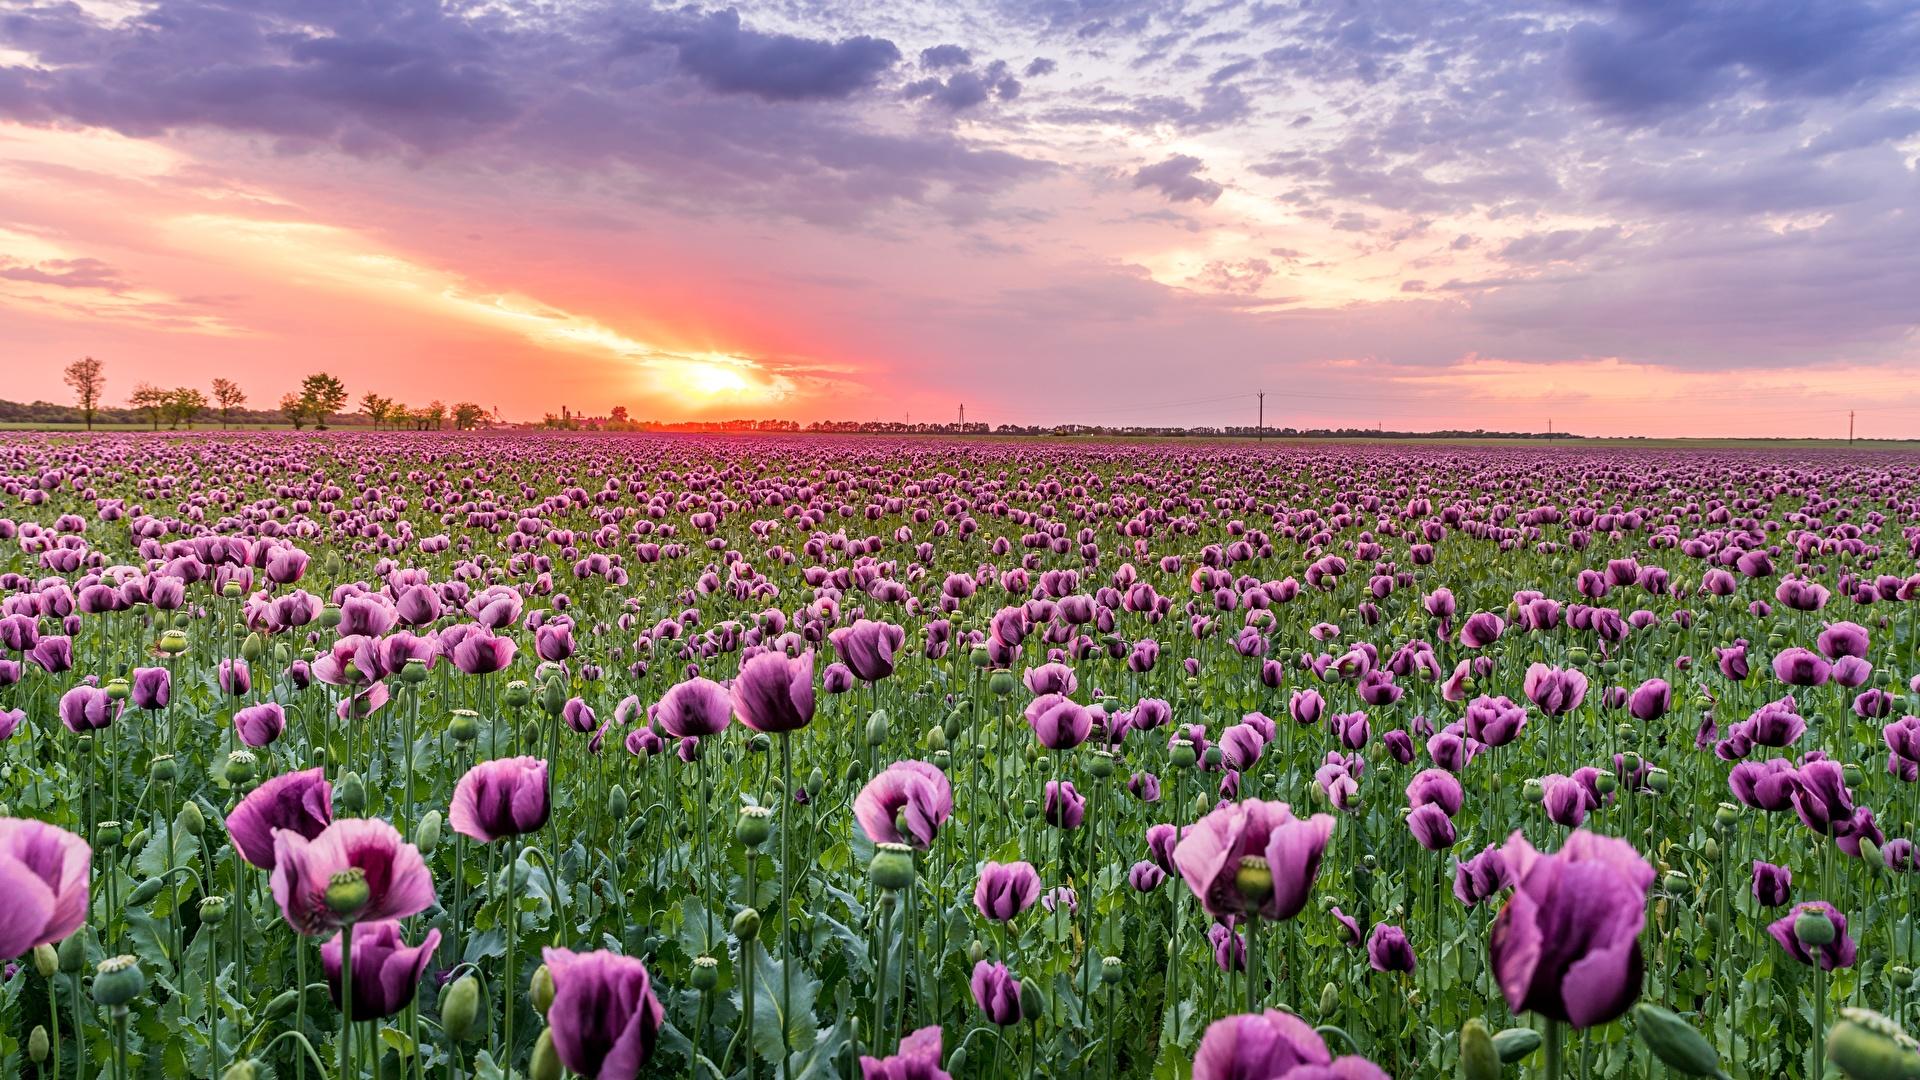 Картинка Природа Поля Маки Цветы Рассветы и закаты 1920x1080